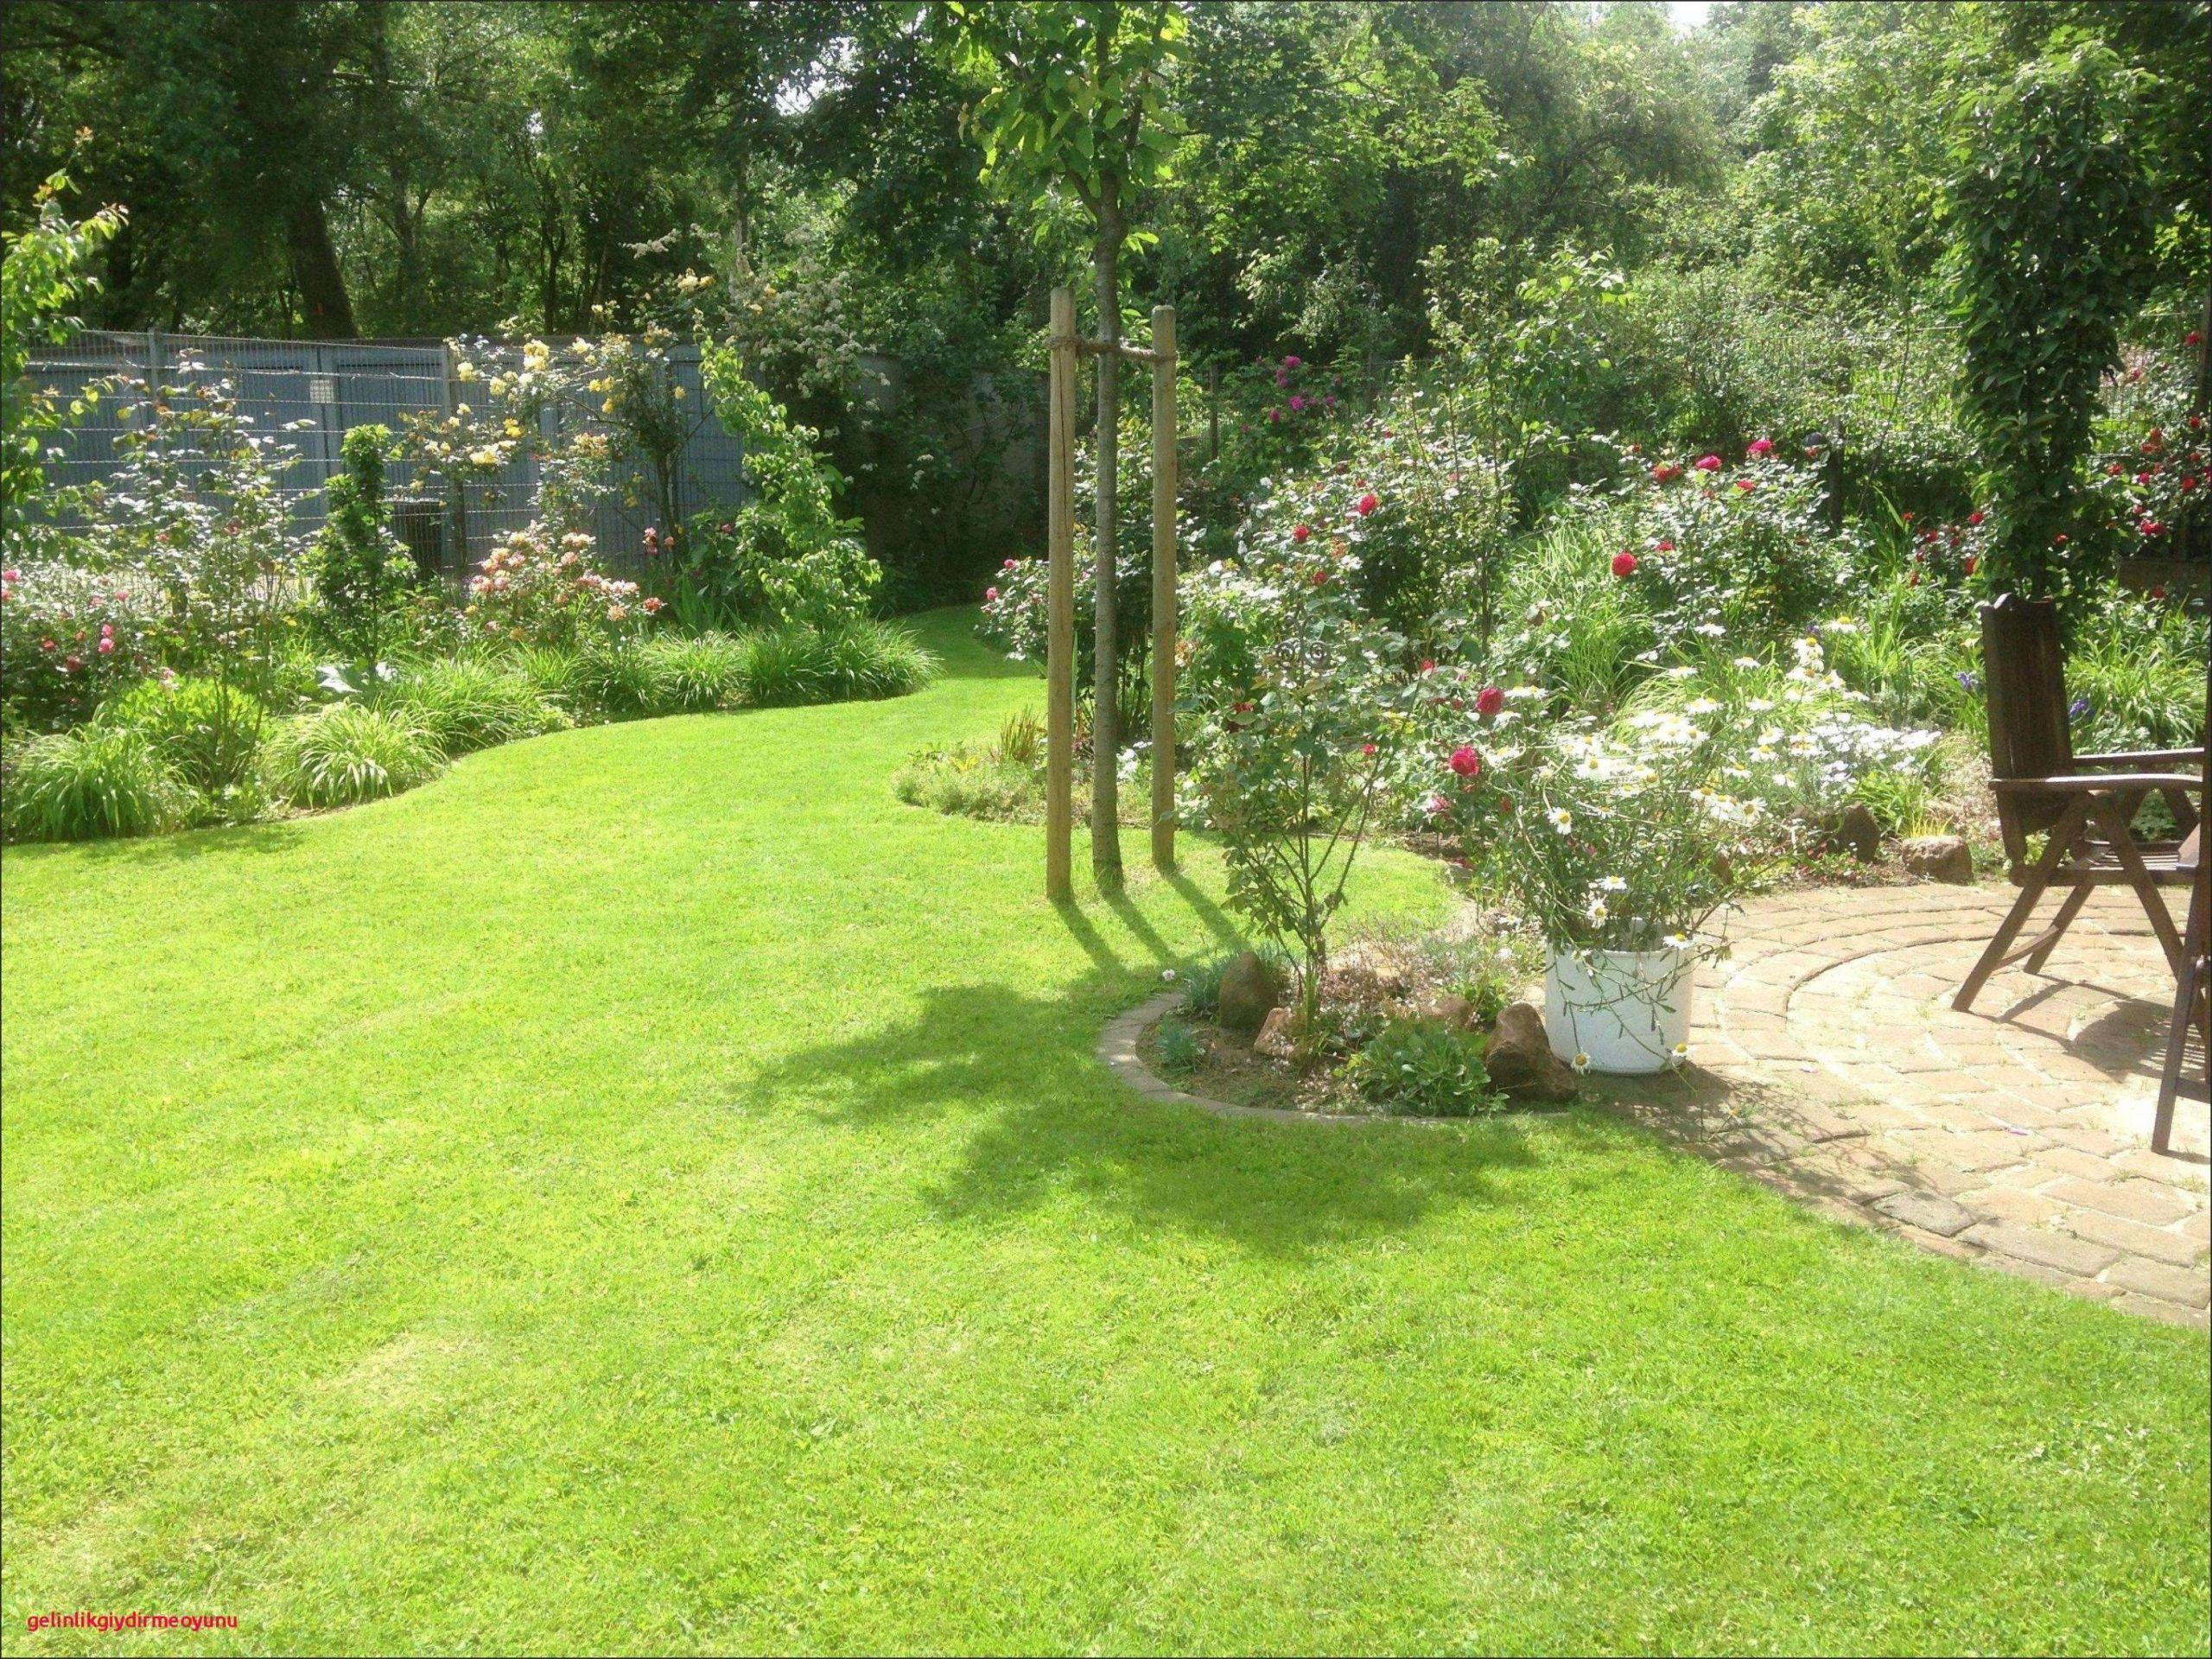 Garten Gestalten Einfach Elegant Kleinen Garten Gestalten — Temobardz Home Blog